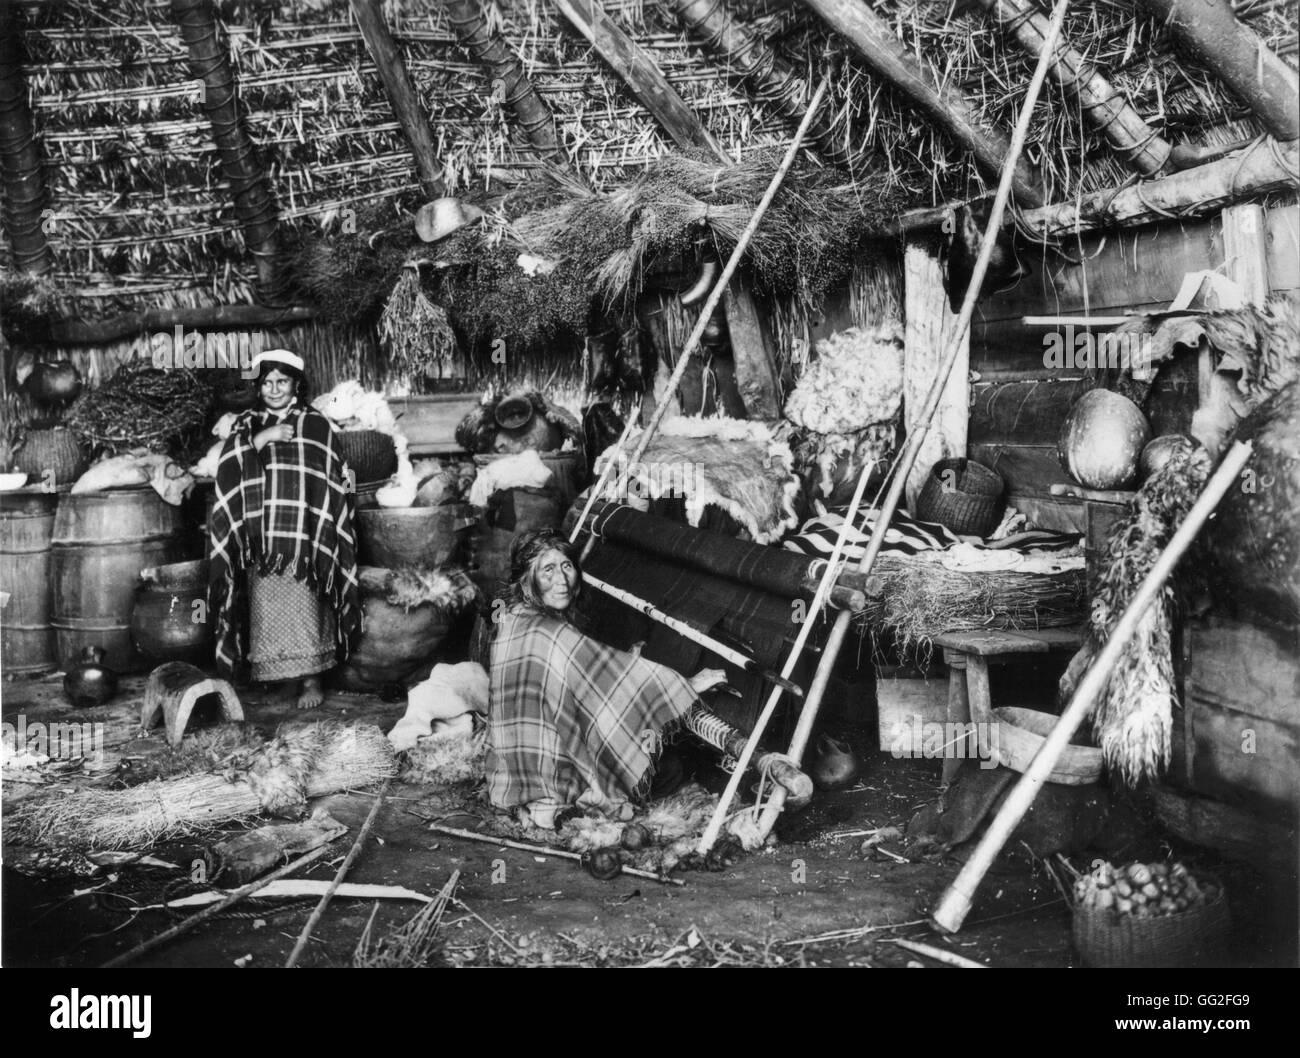 South of Chile, Araucans tribe, women weaving c.1895-1900 Chile Paris. Bibliothèque nationale - Stock Image